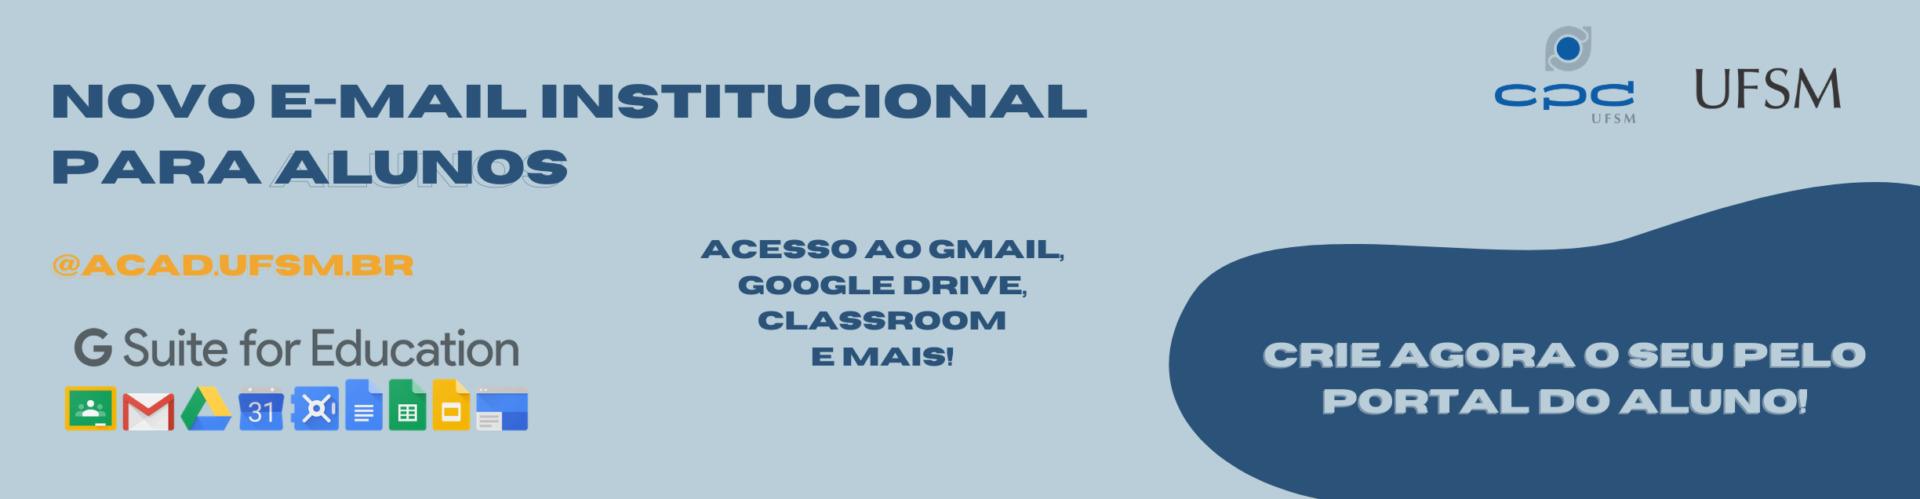 banner retangular colorido com fundo azul claro e o seguinte texto: e-mail institucional para alunos, @acad.ufsm.br, acesso ao Gmail, Google Drive, Classroom e mais! crie agora o seu pelo portal do aluno